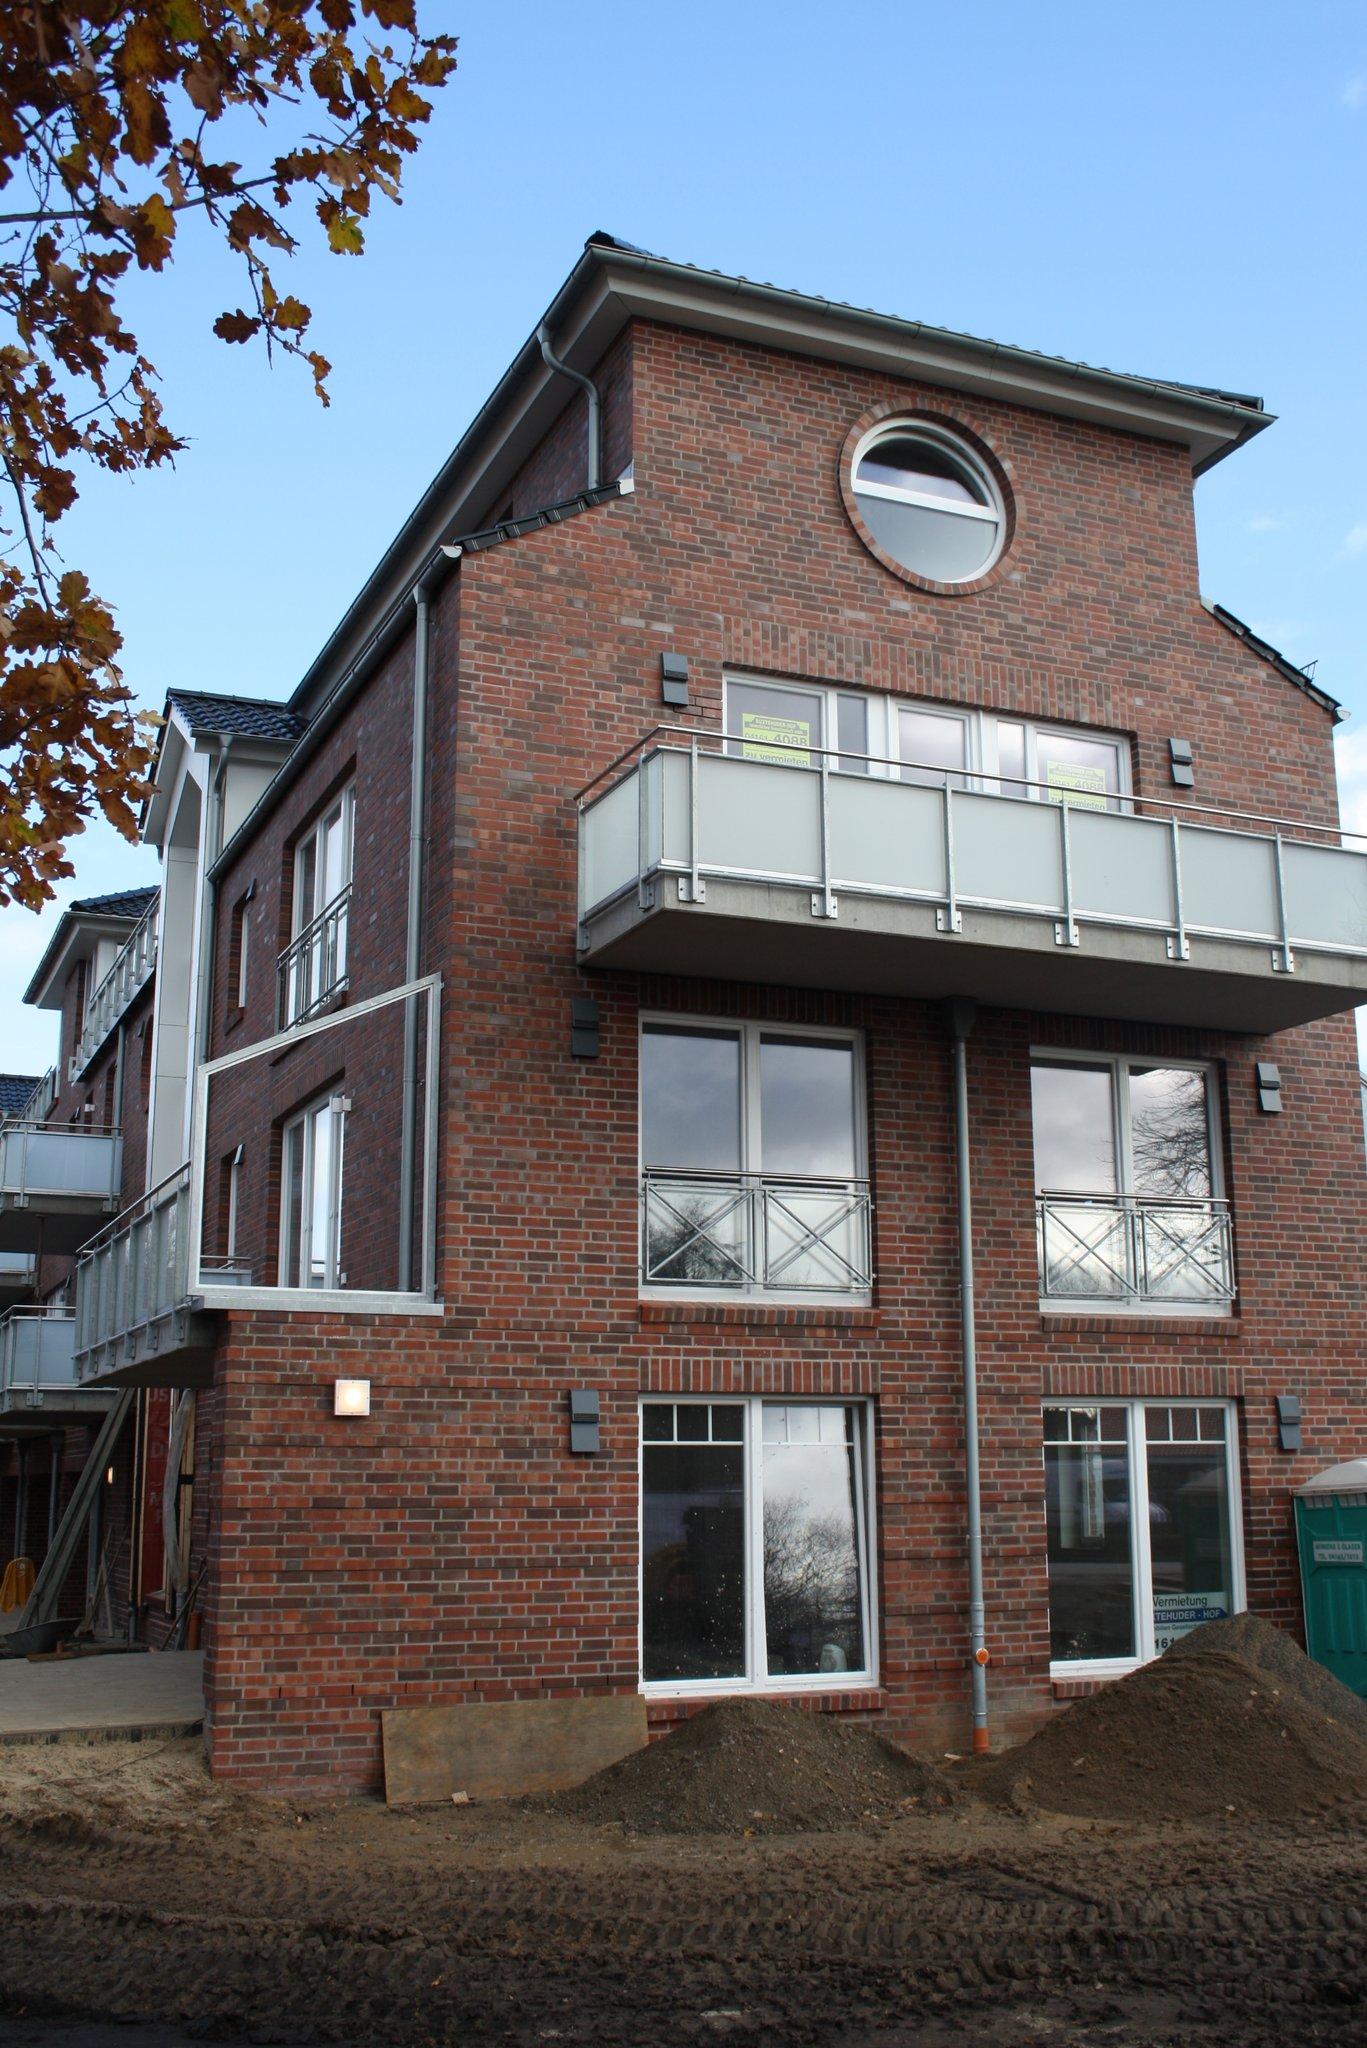 Neues Wohn und Geschäftshaus In Buxtehude Die Buxtehuder